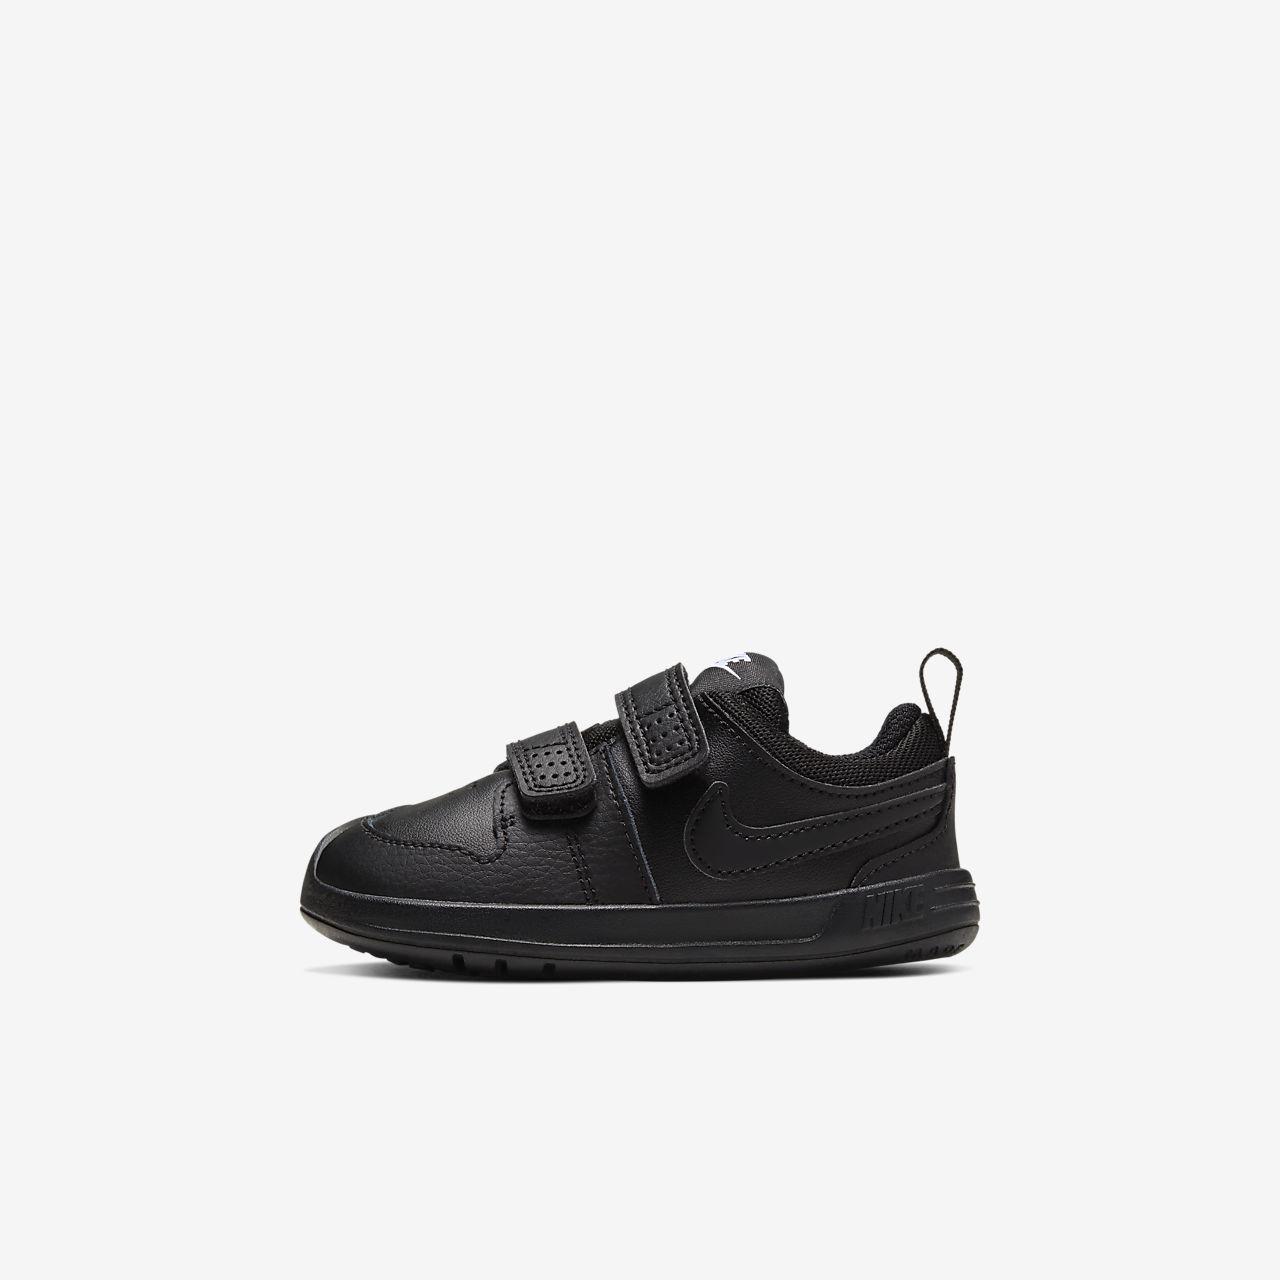 Buty dla niemowląt Nike Pico 5